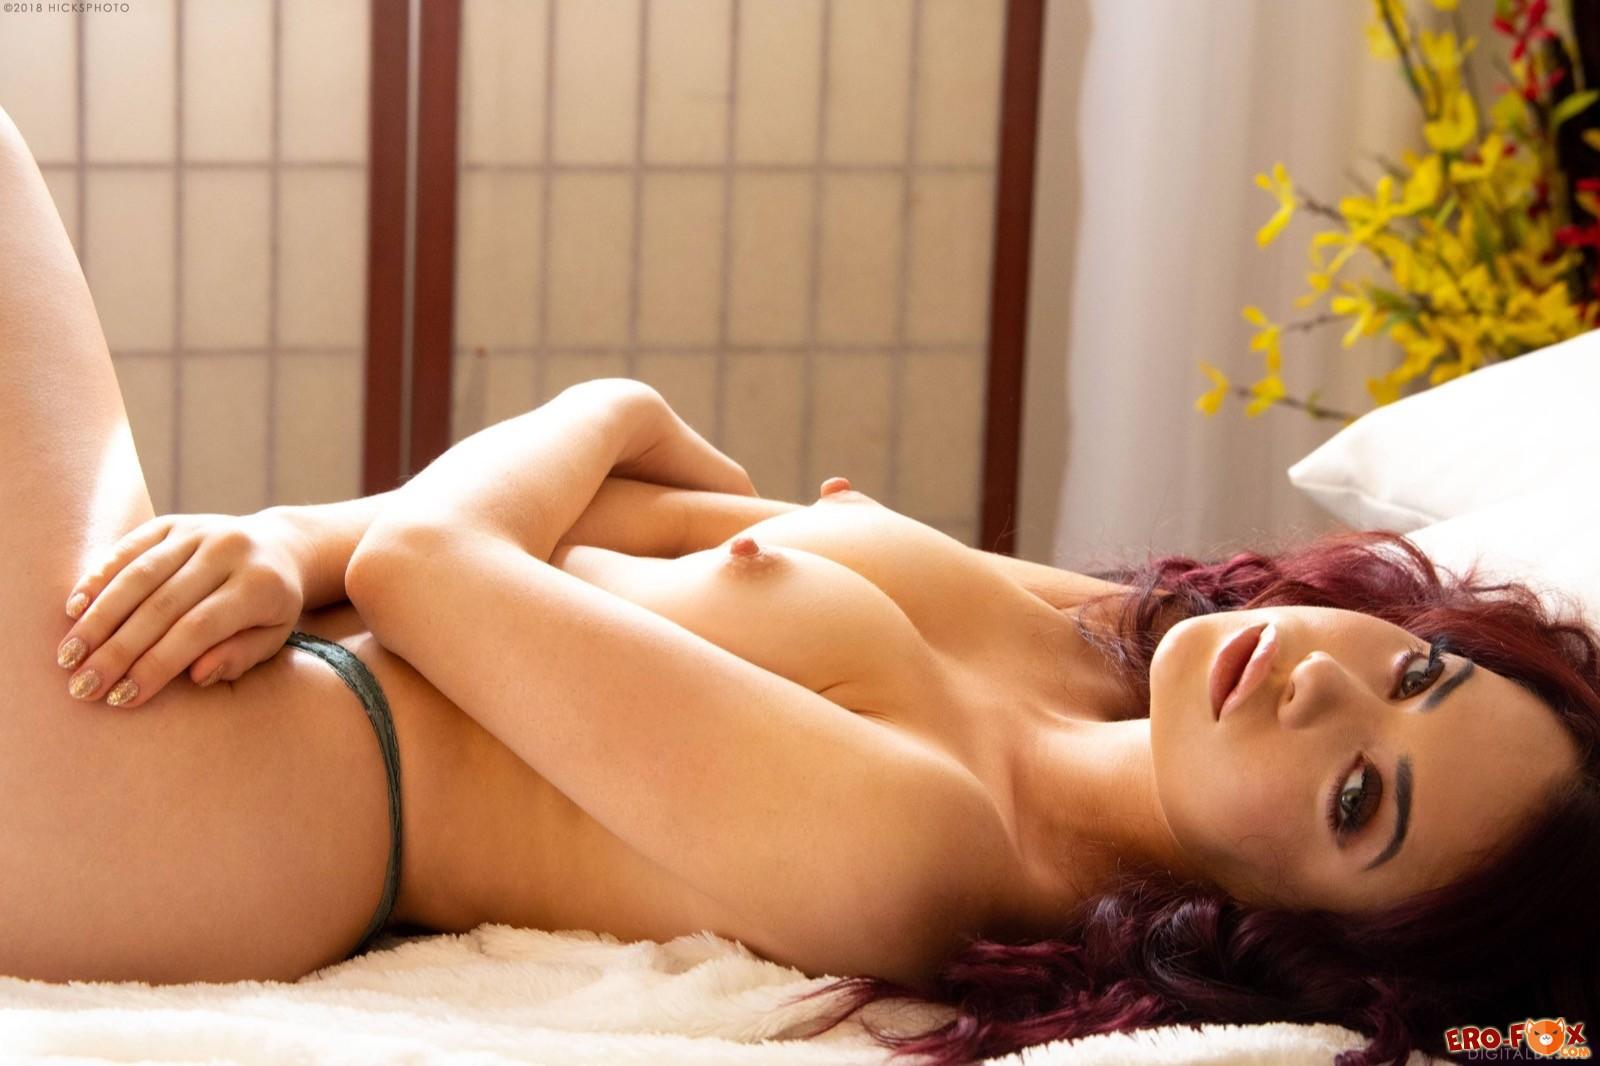 Девушка с сочной попой и торчащими сосками в постели - фото